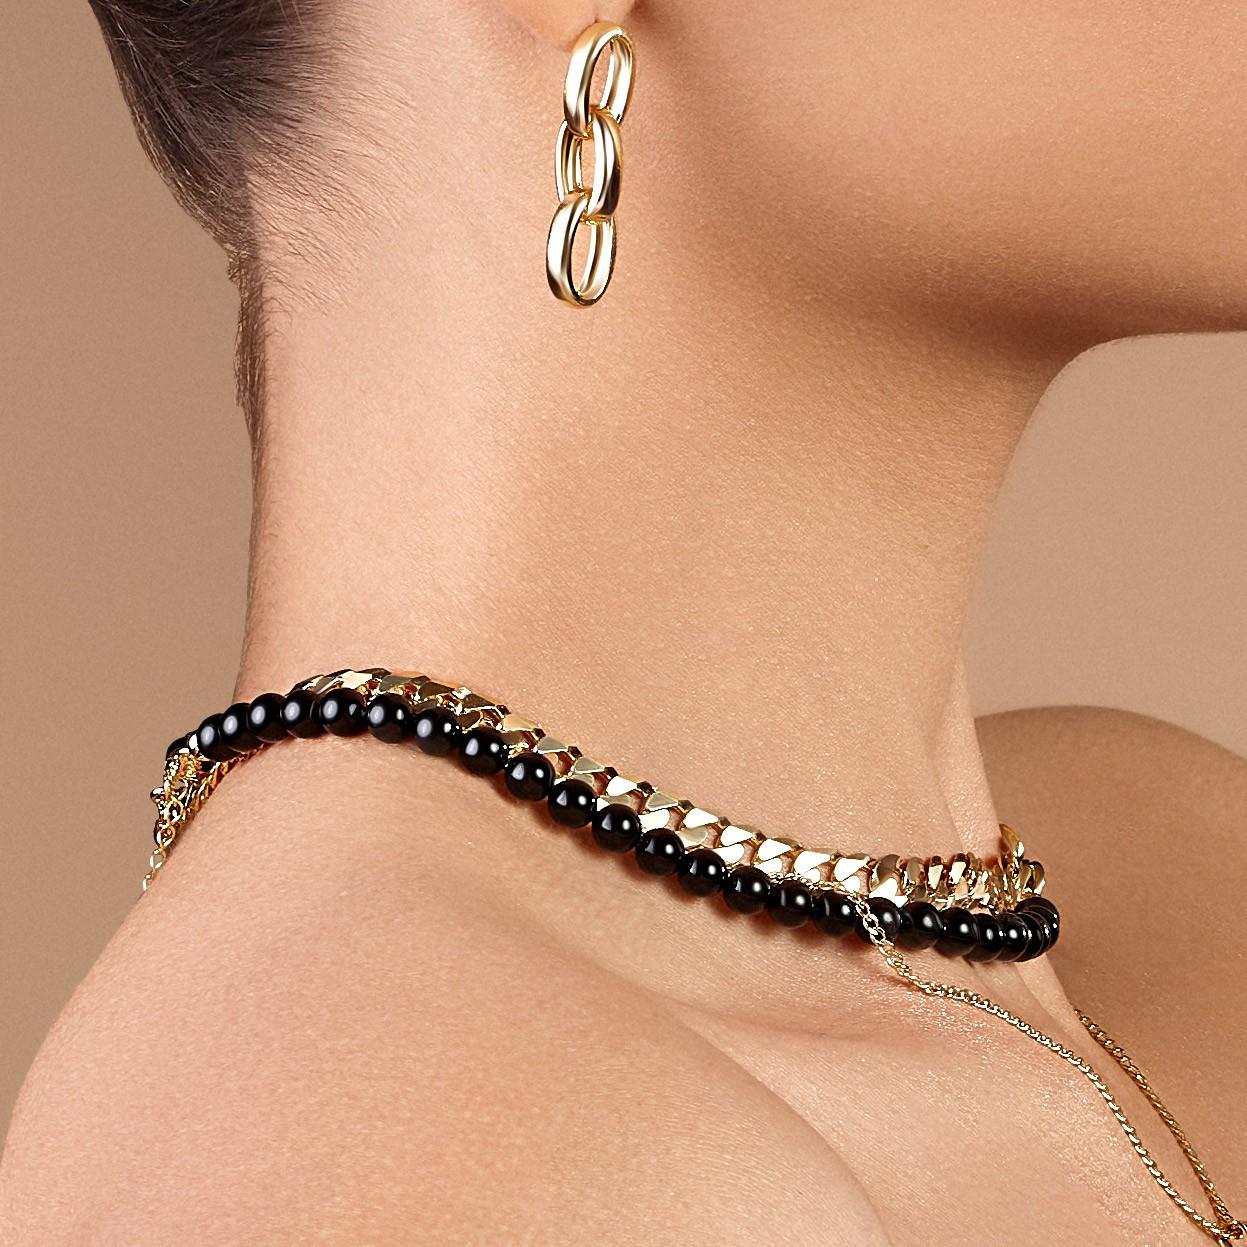 Srebrny choker z czarnych pereł, do podwieszania charmsów 925